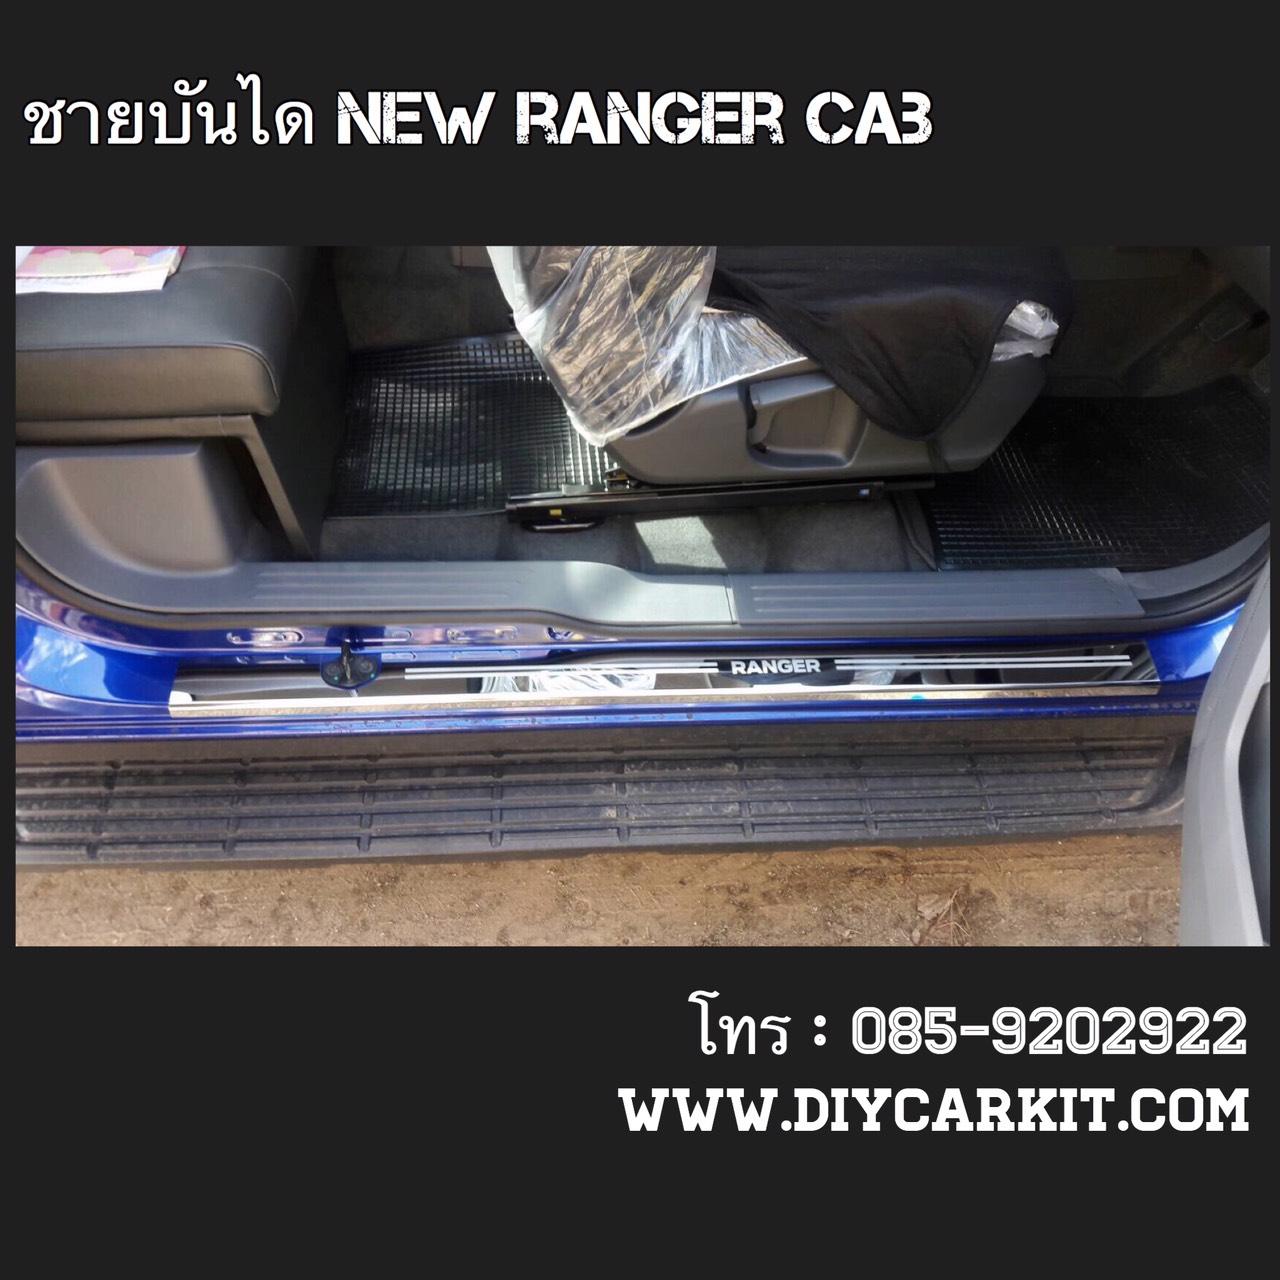 ชายบันไดสแตนเลส New Ranger Cab